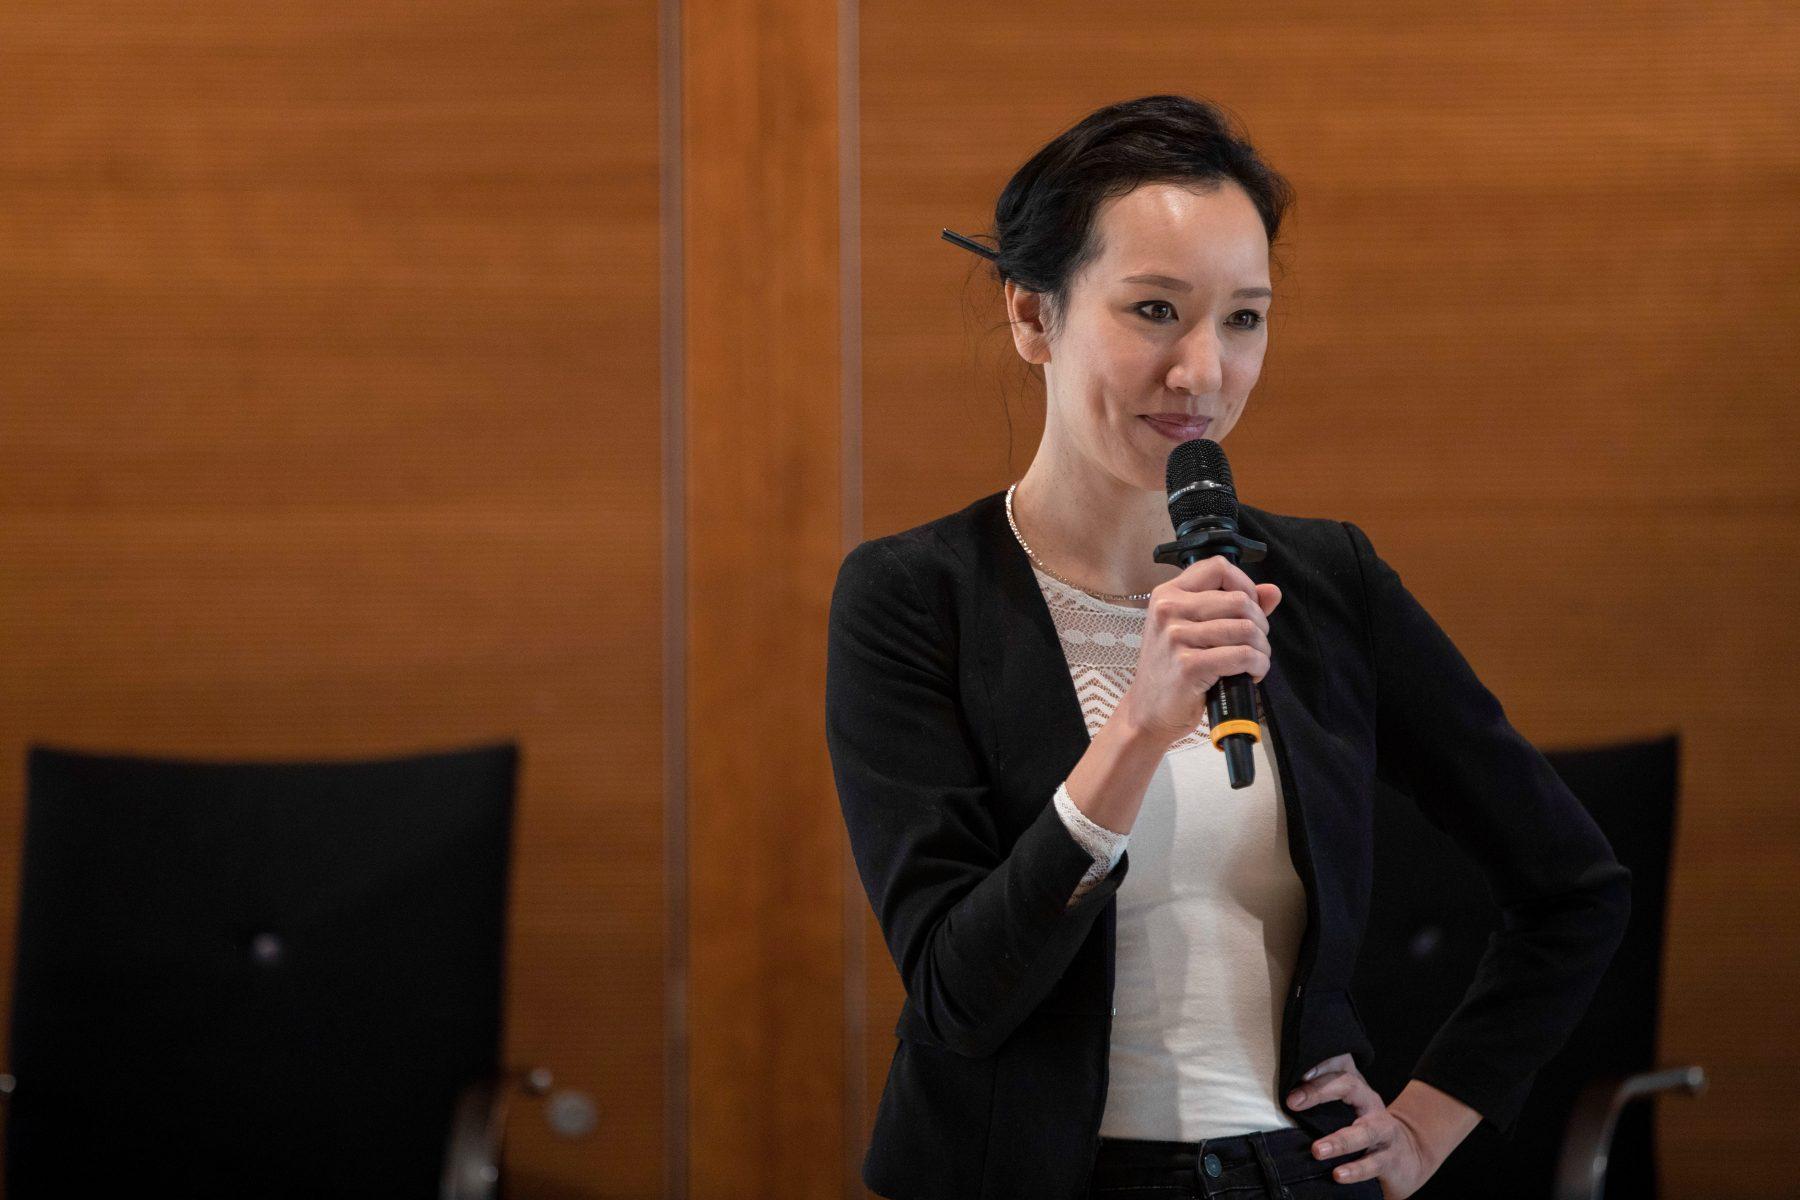 Anika Nicolaas Ponder leitet das Team Nachhaltigkeit und Innovation (Bild: Yehuda Swed/SeeSaw-Foto)